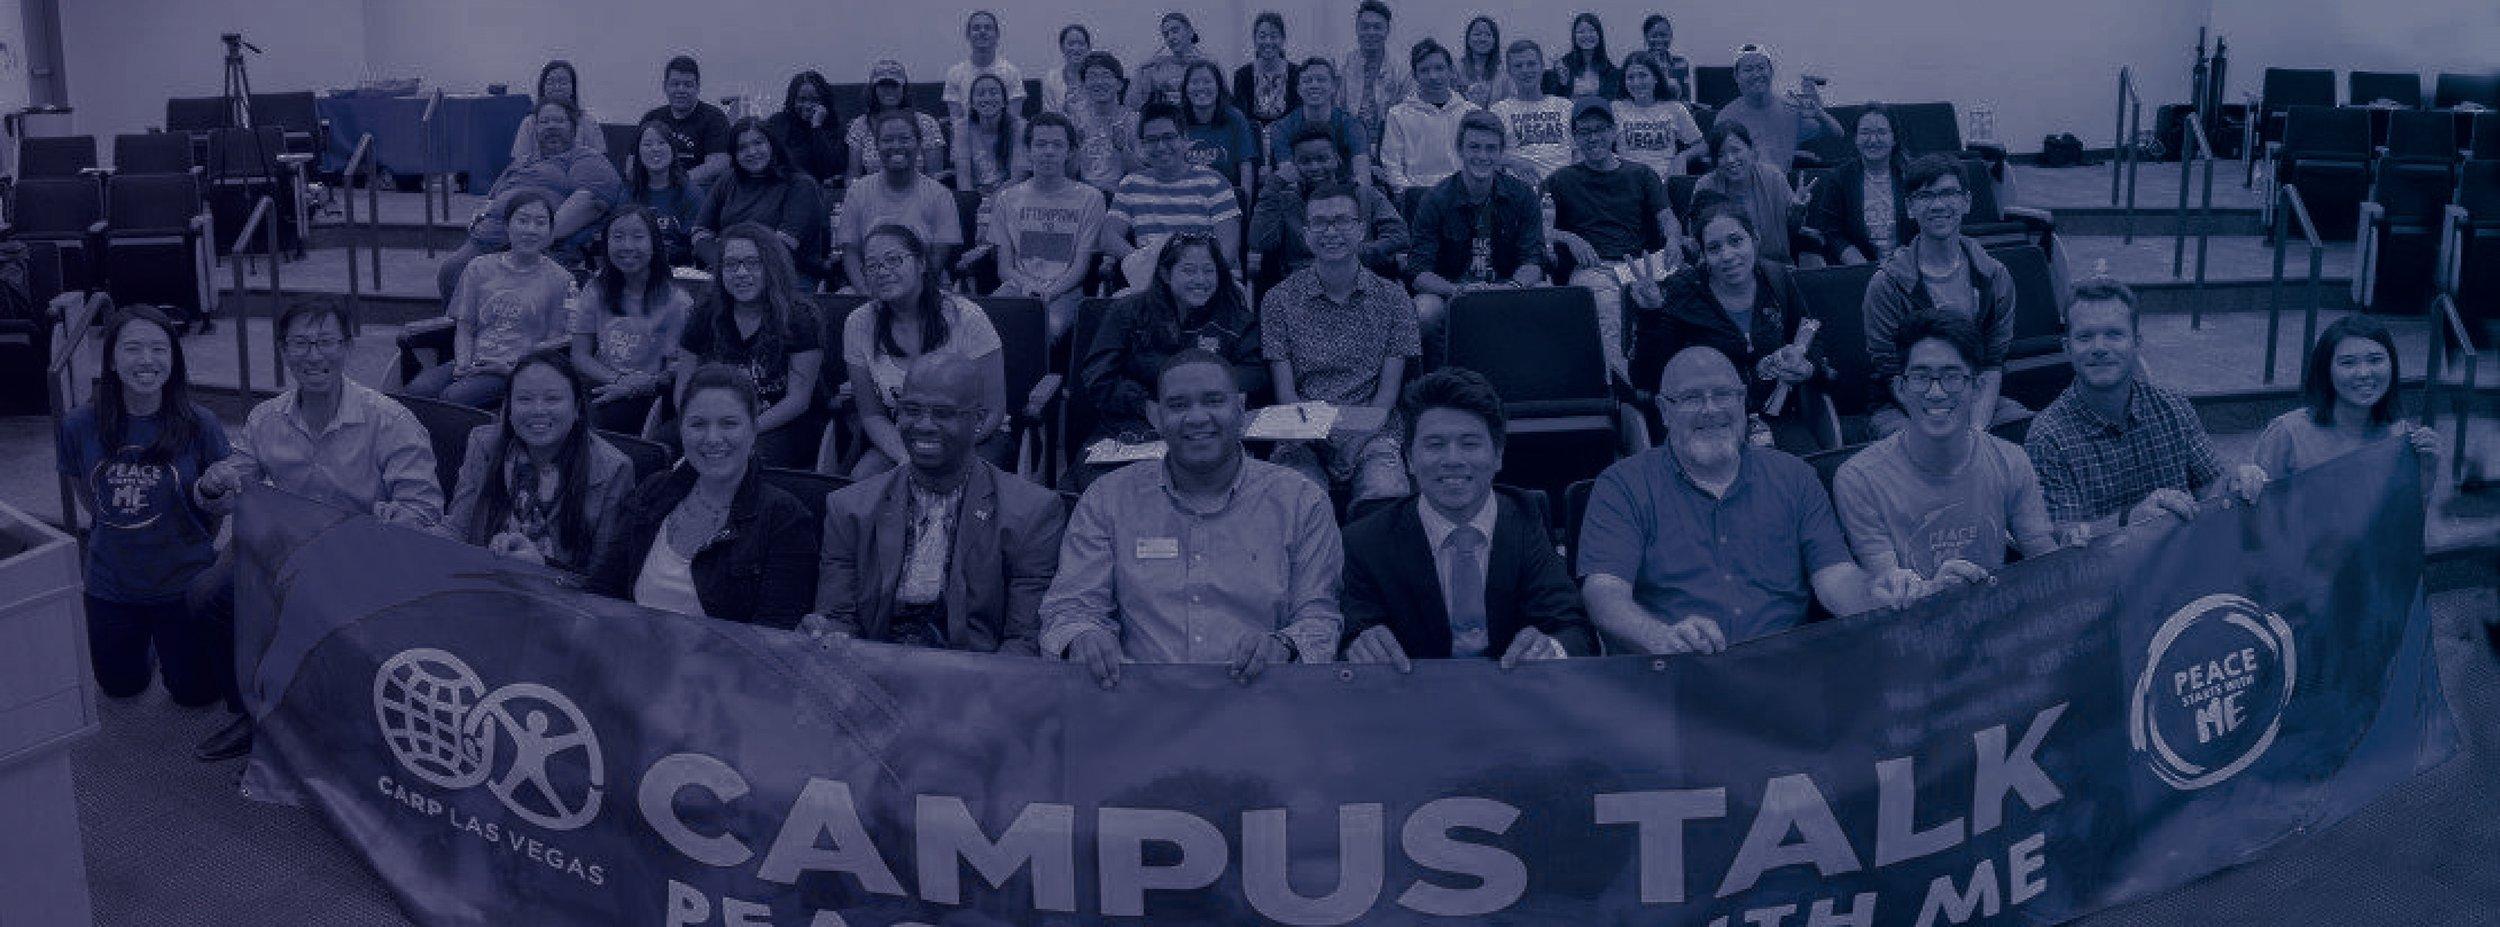 1st campus talk - Fall 2017